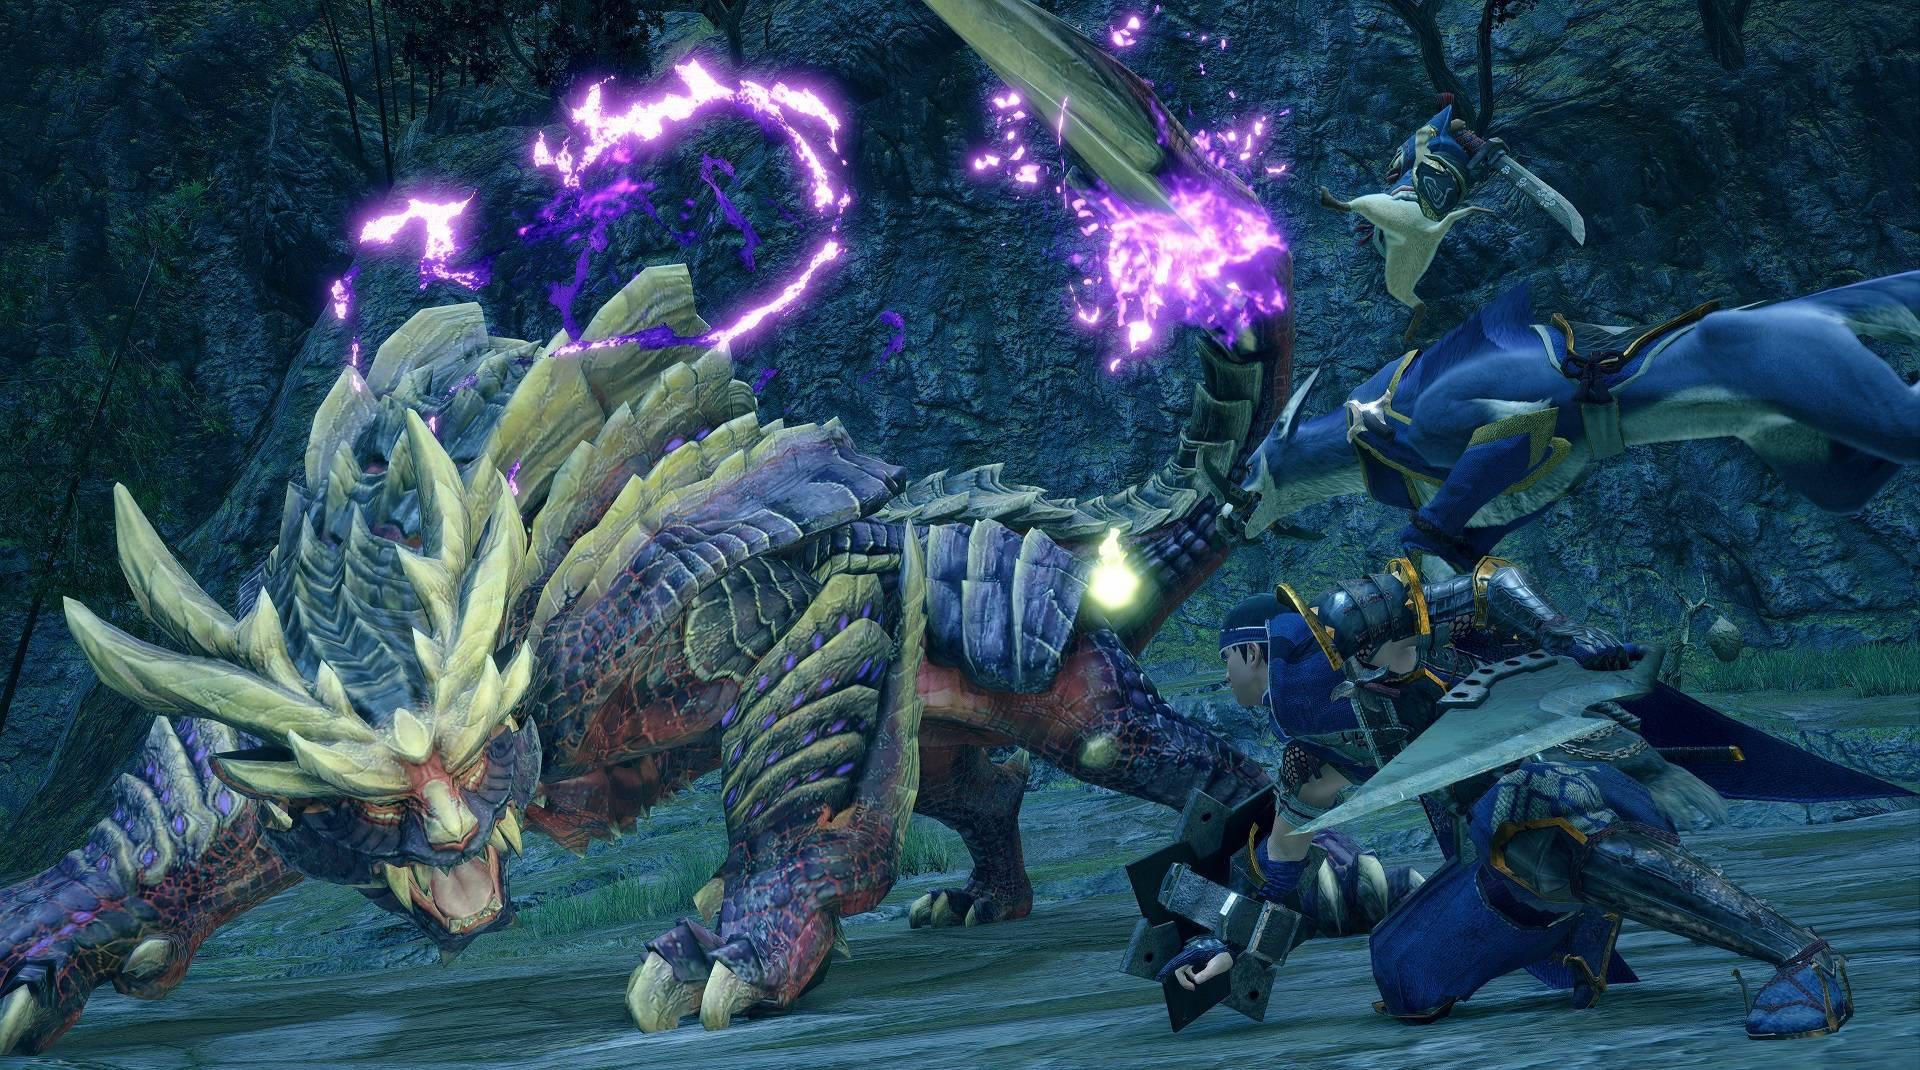 《怪物猎人:崛起》PC试玩版已发布,黑屏崩溃问题解决方法汇总